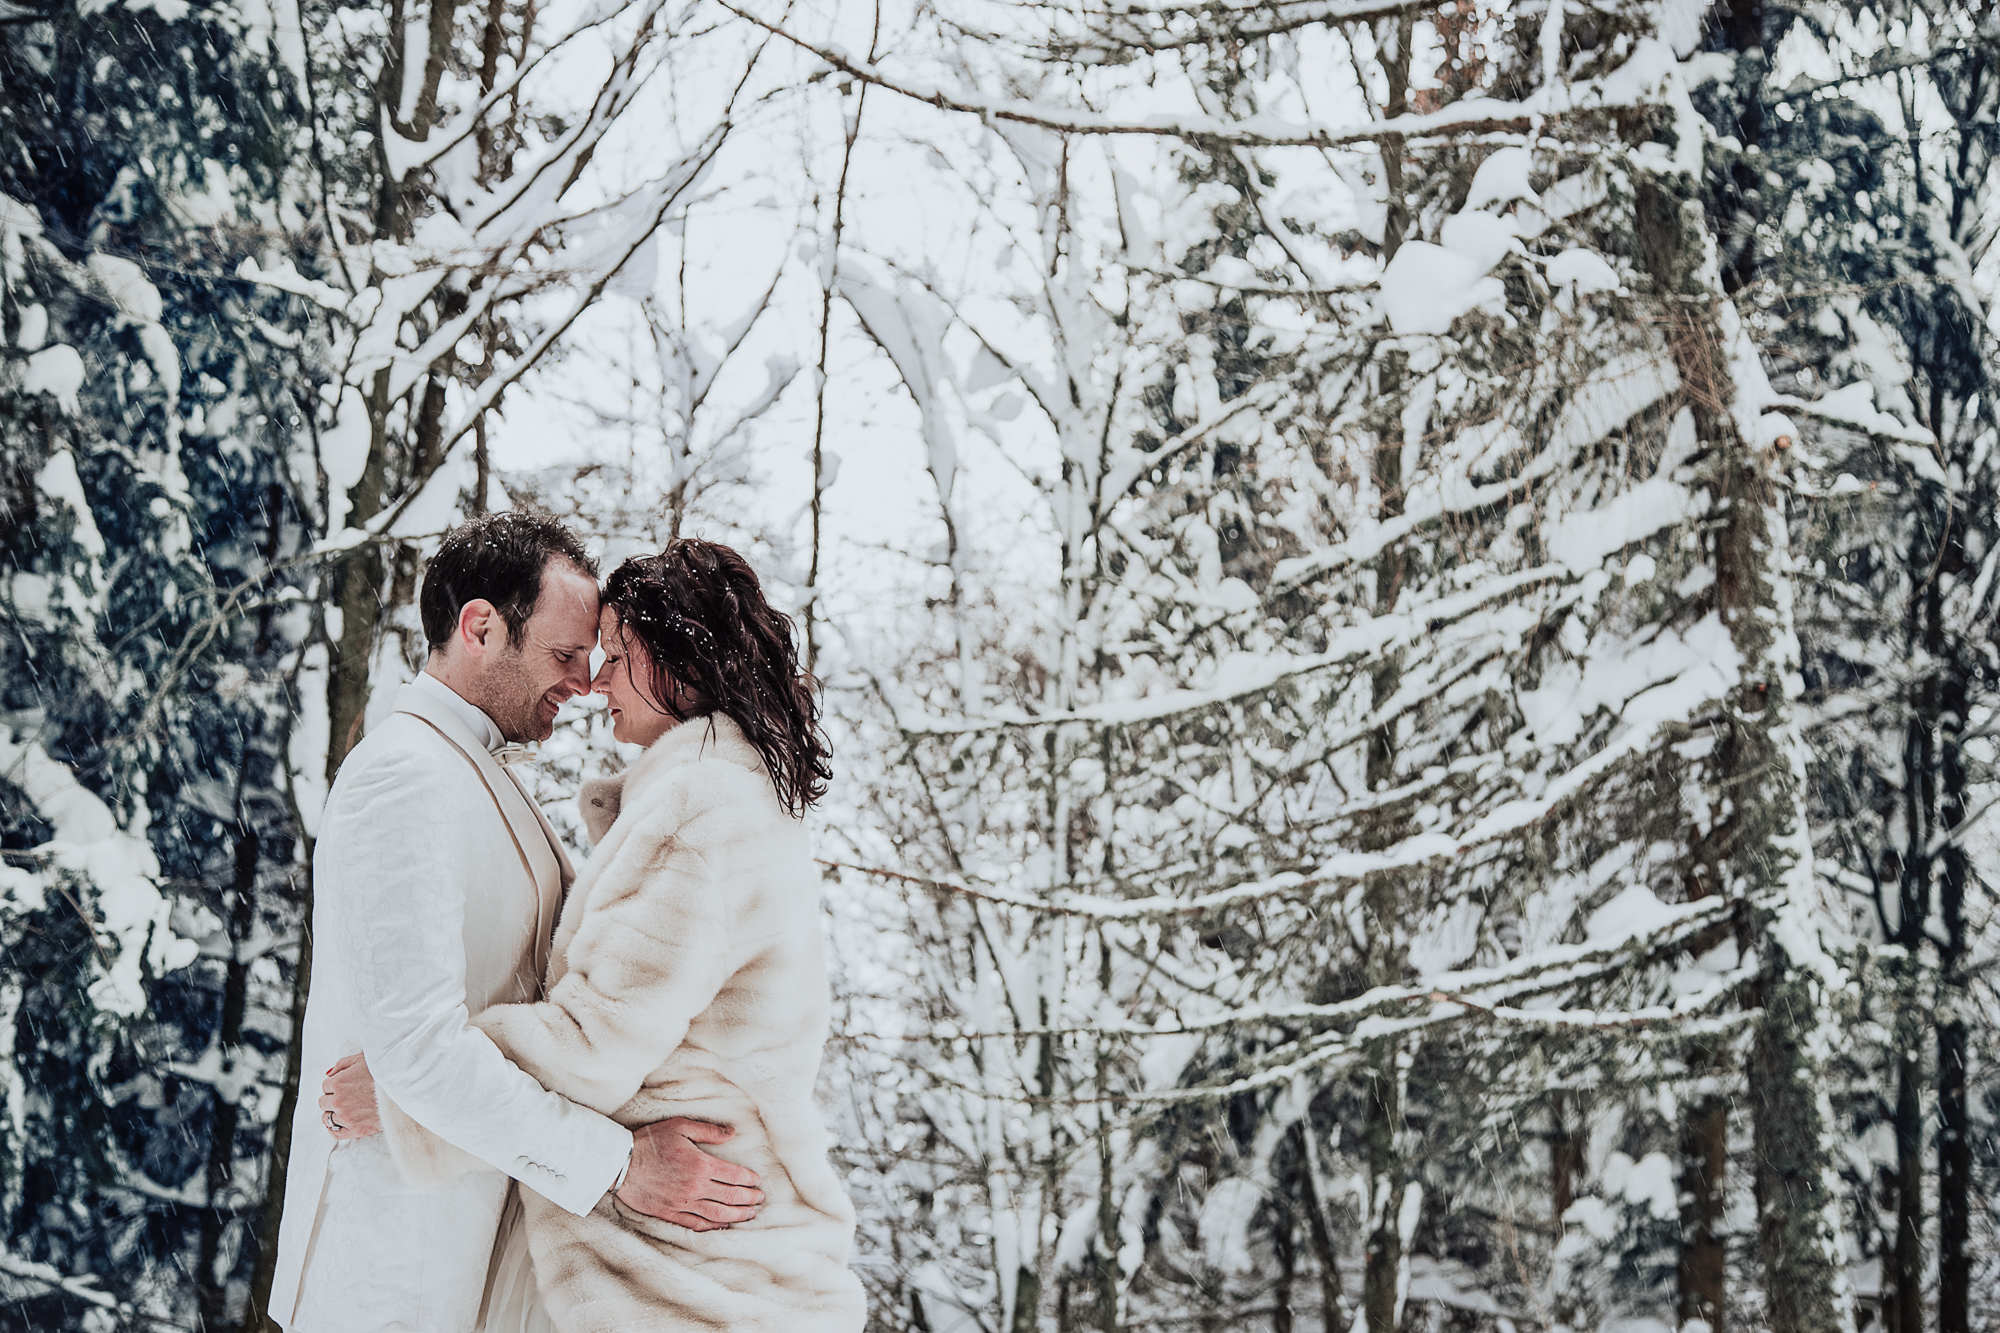 les mariés sont tête à tête sous la neige